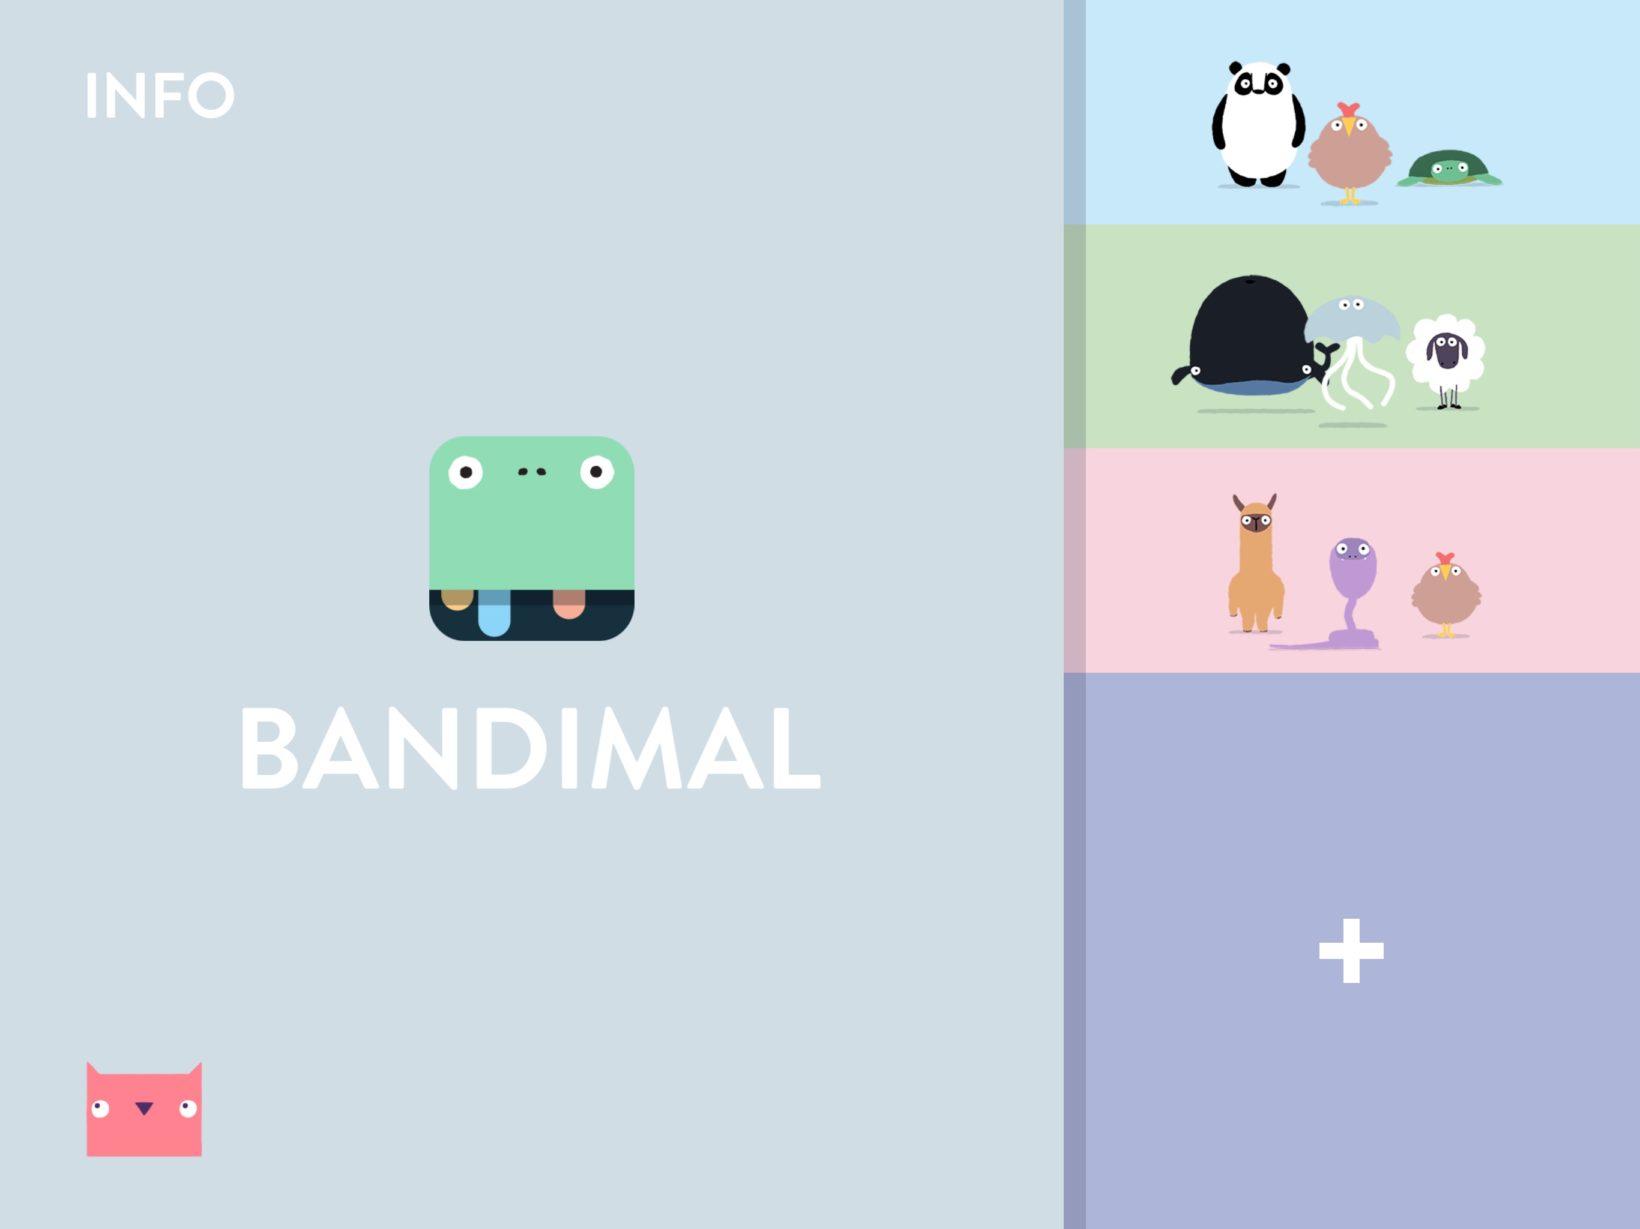 Bandimal